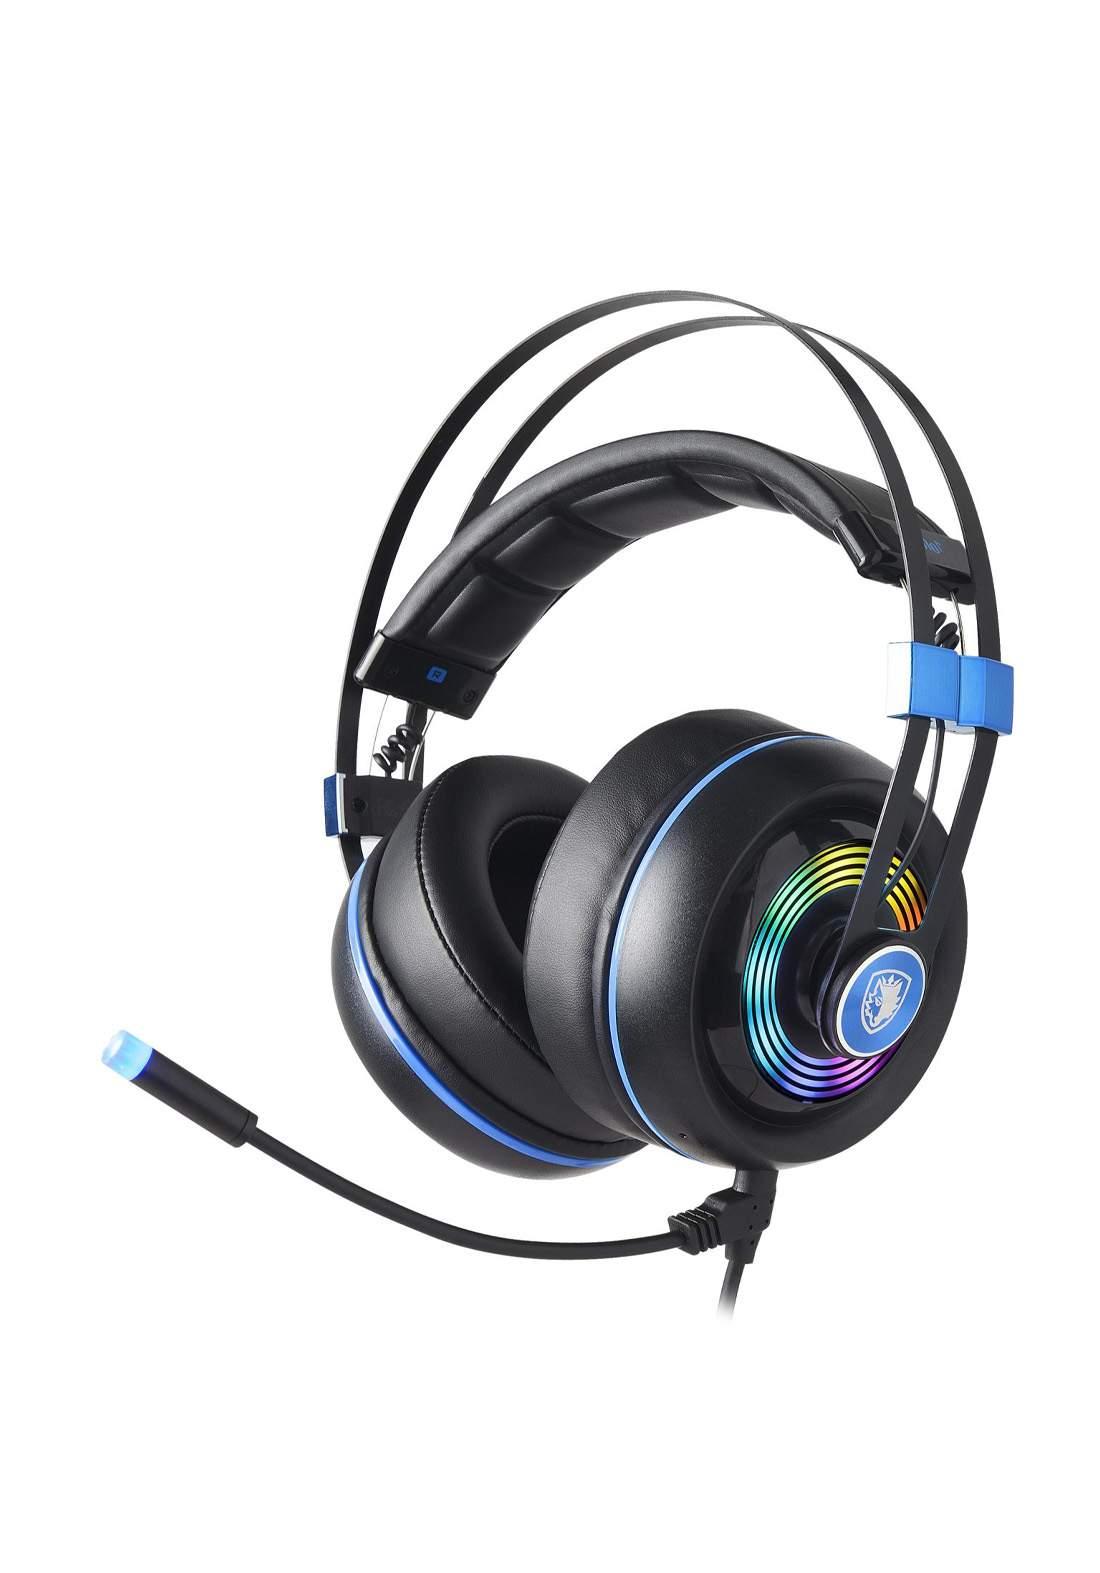 Sades Armor Wired Gaming Headset - Black سماعة سلكية